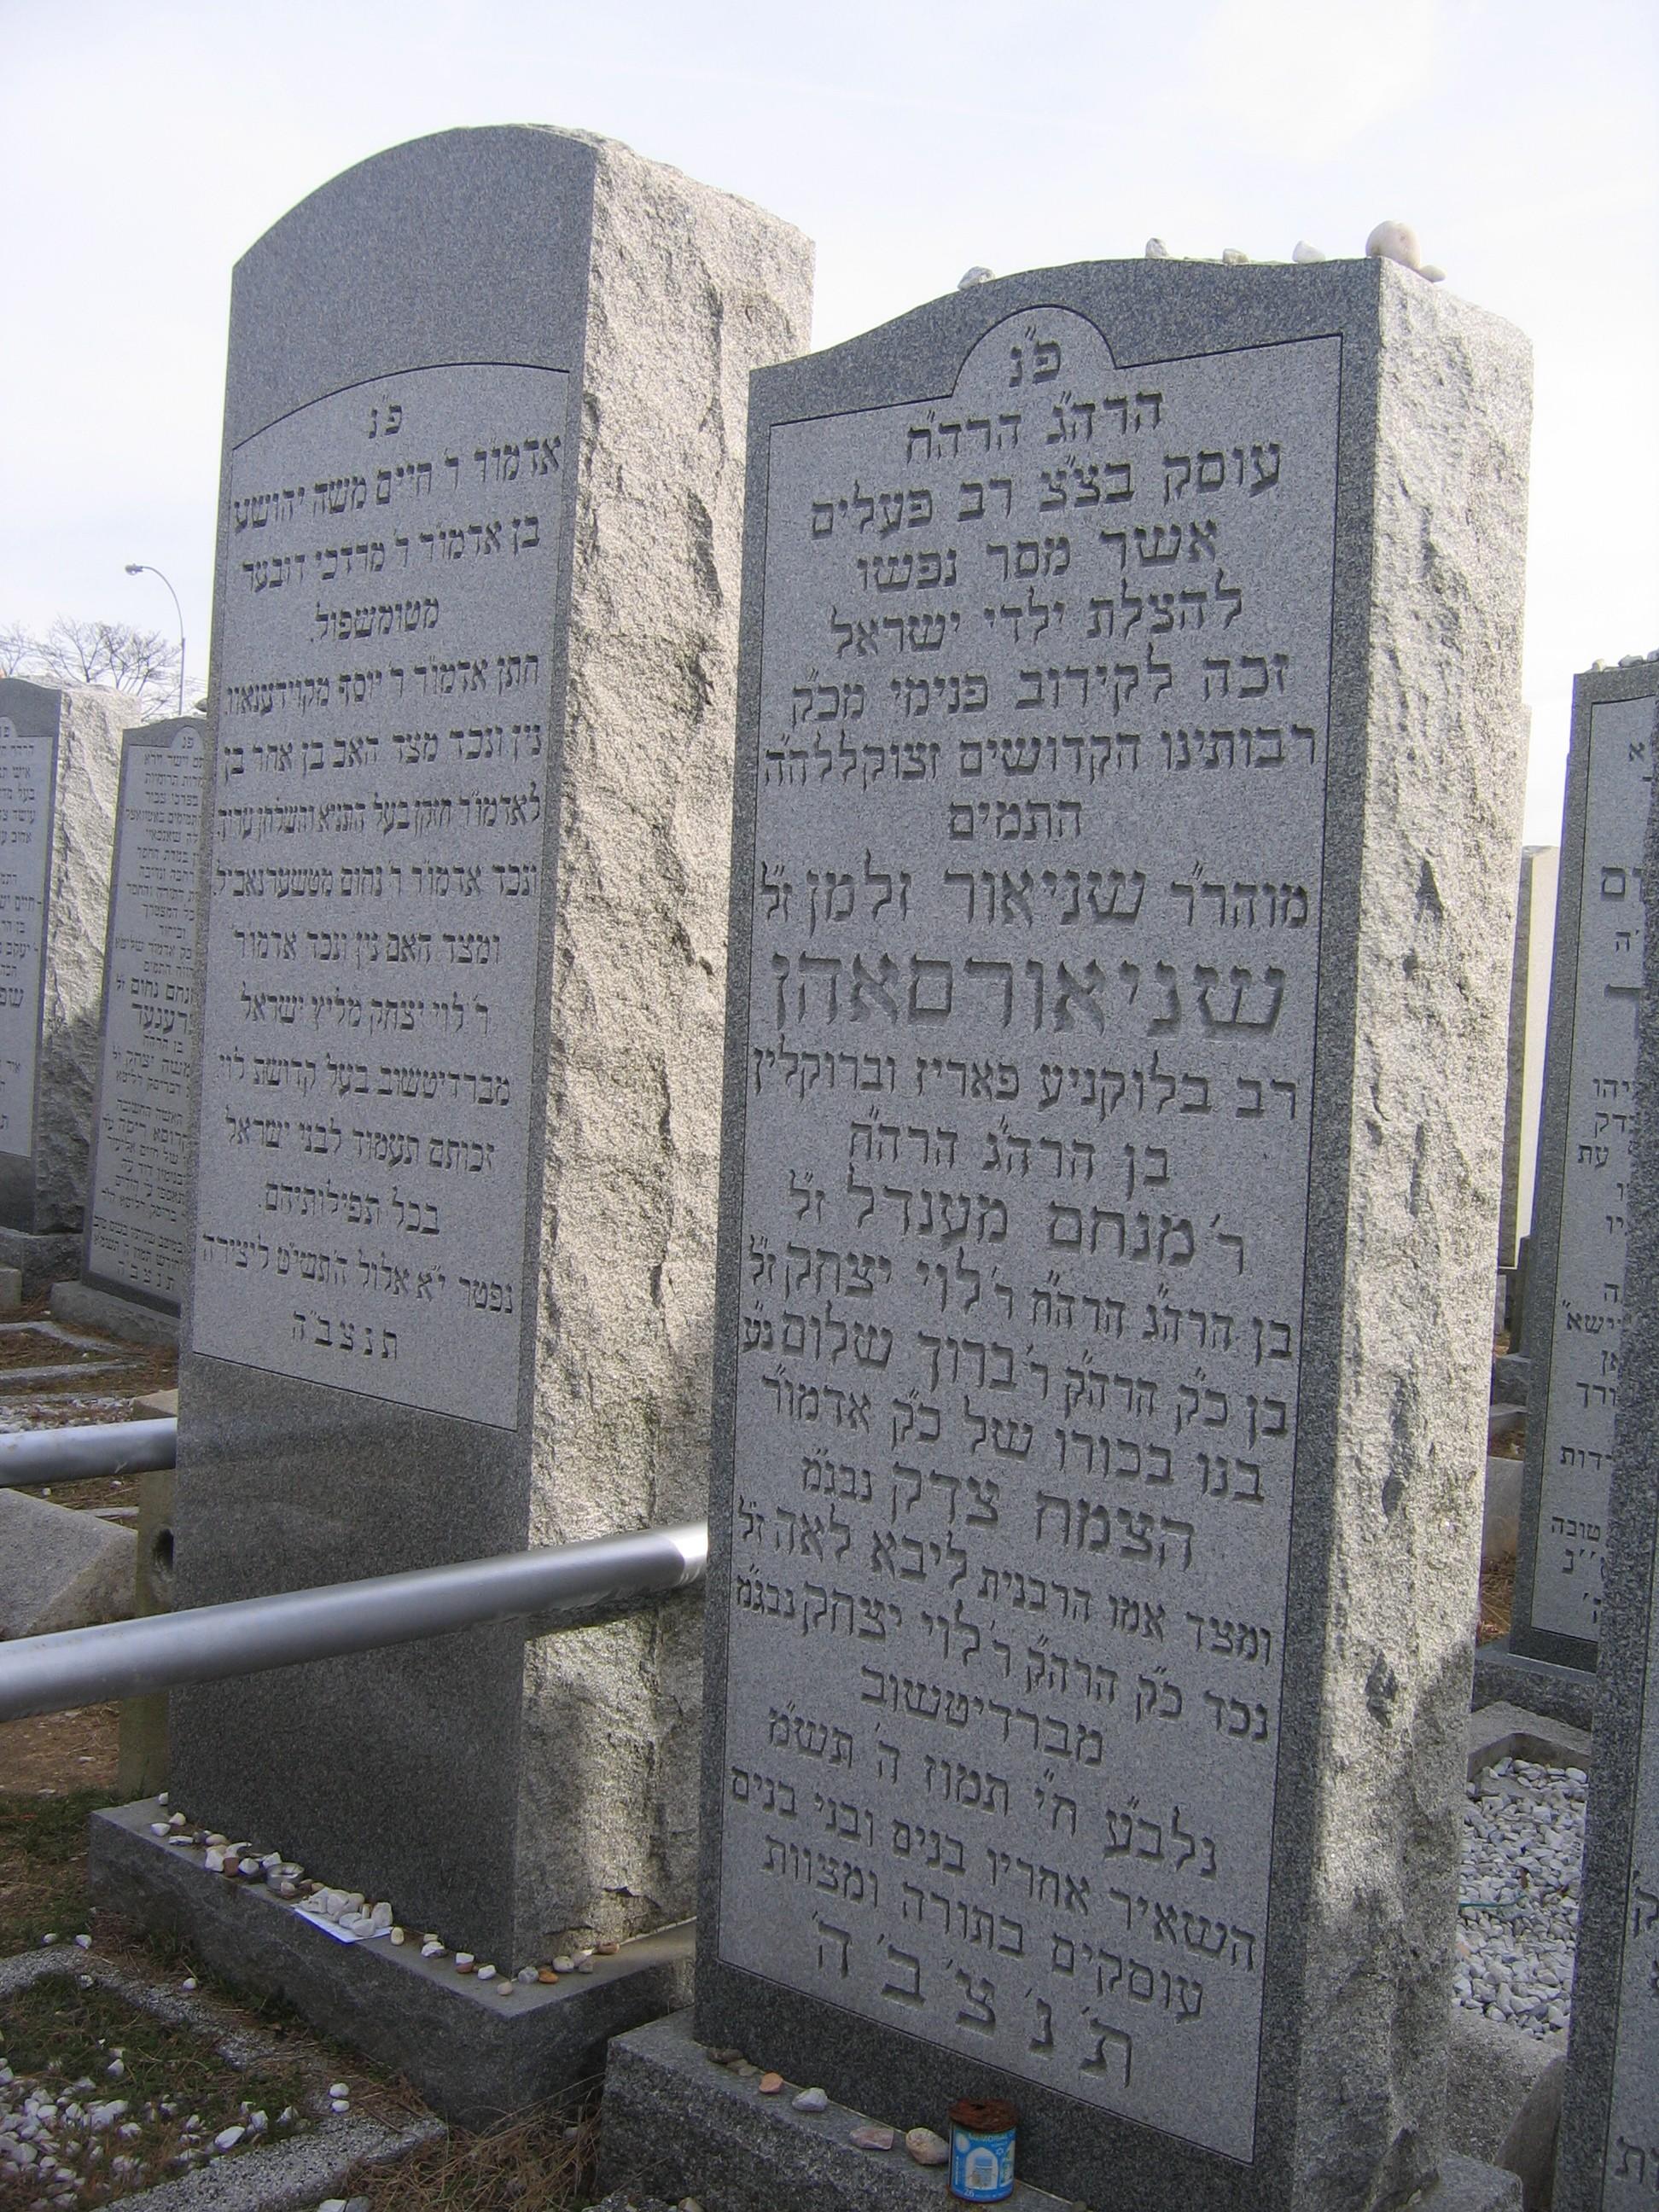 Rabbi Shneur Zalman Schneerson